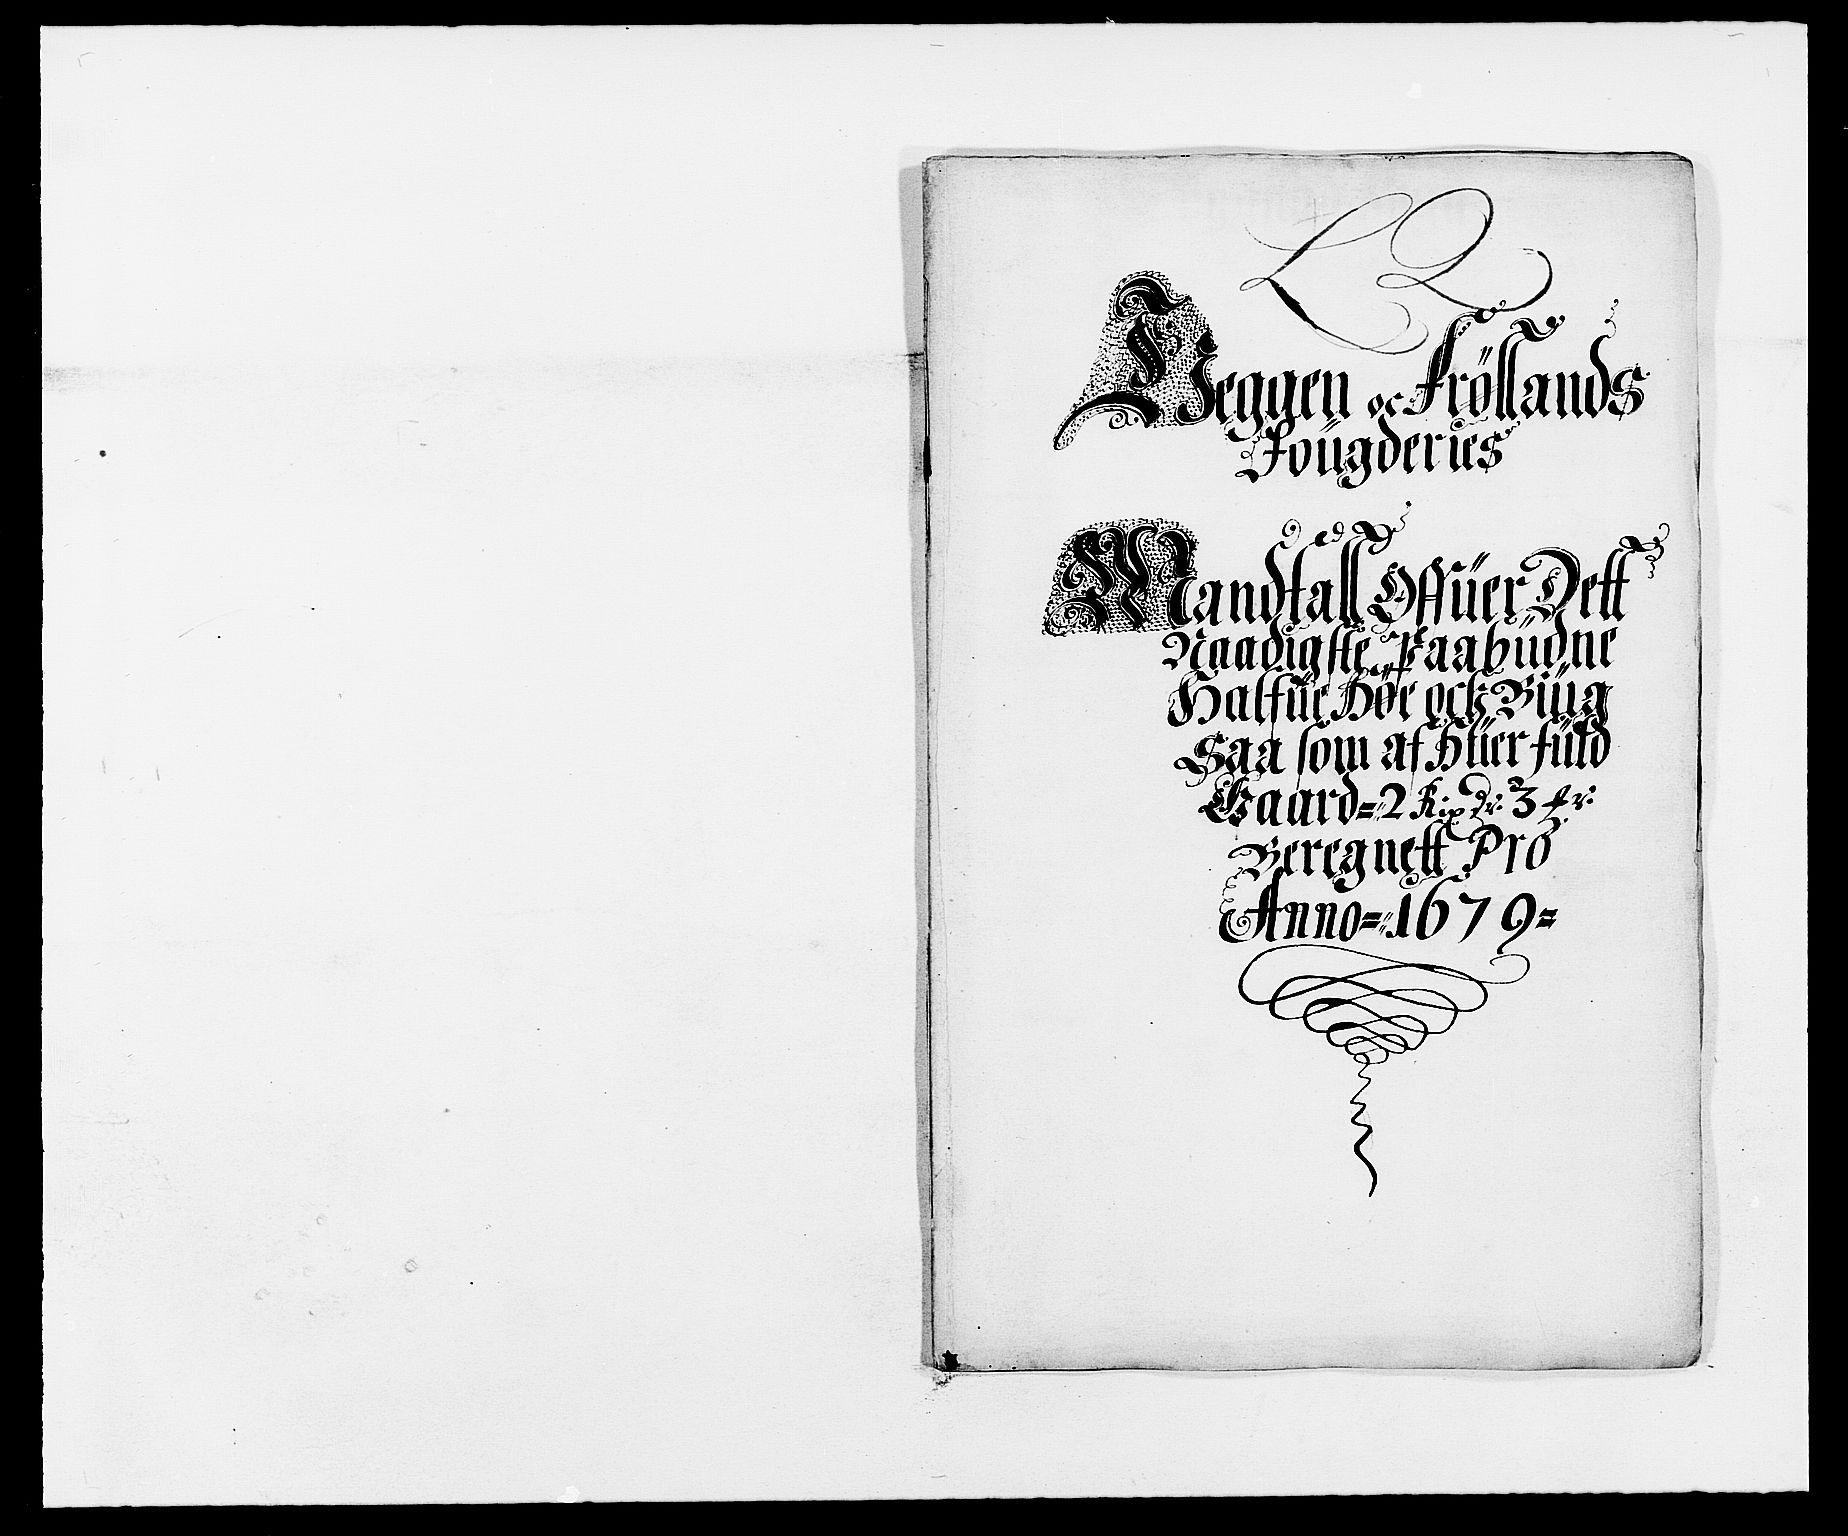 RA, Rentekammeret inntil 1814, Reviderte regnskaper, Fogderegnskap, R06/L0279: Fogderegnskap Heggen og Frøland, 1678-1680, s. 337